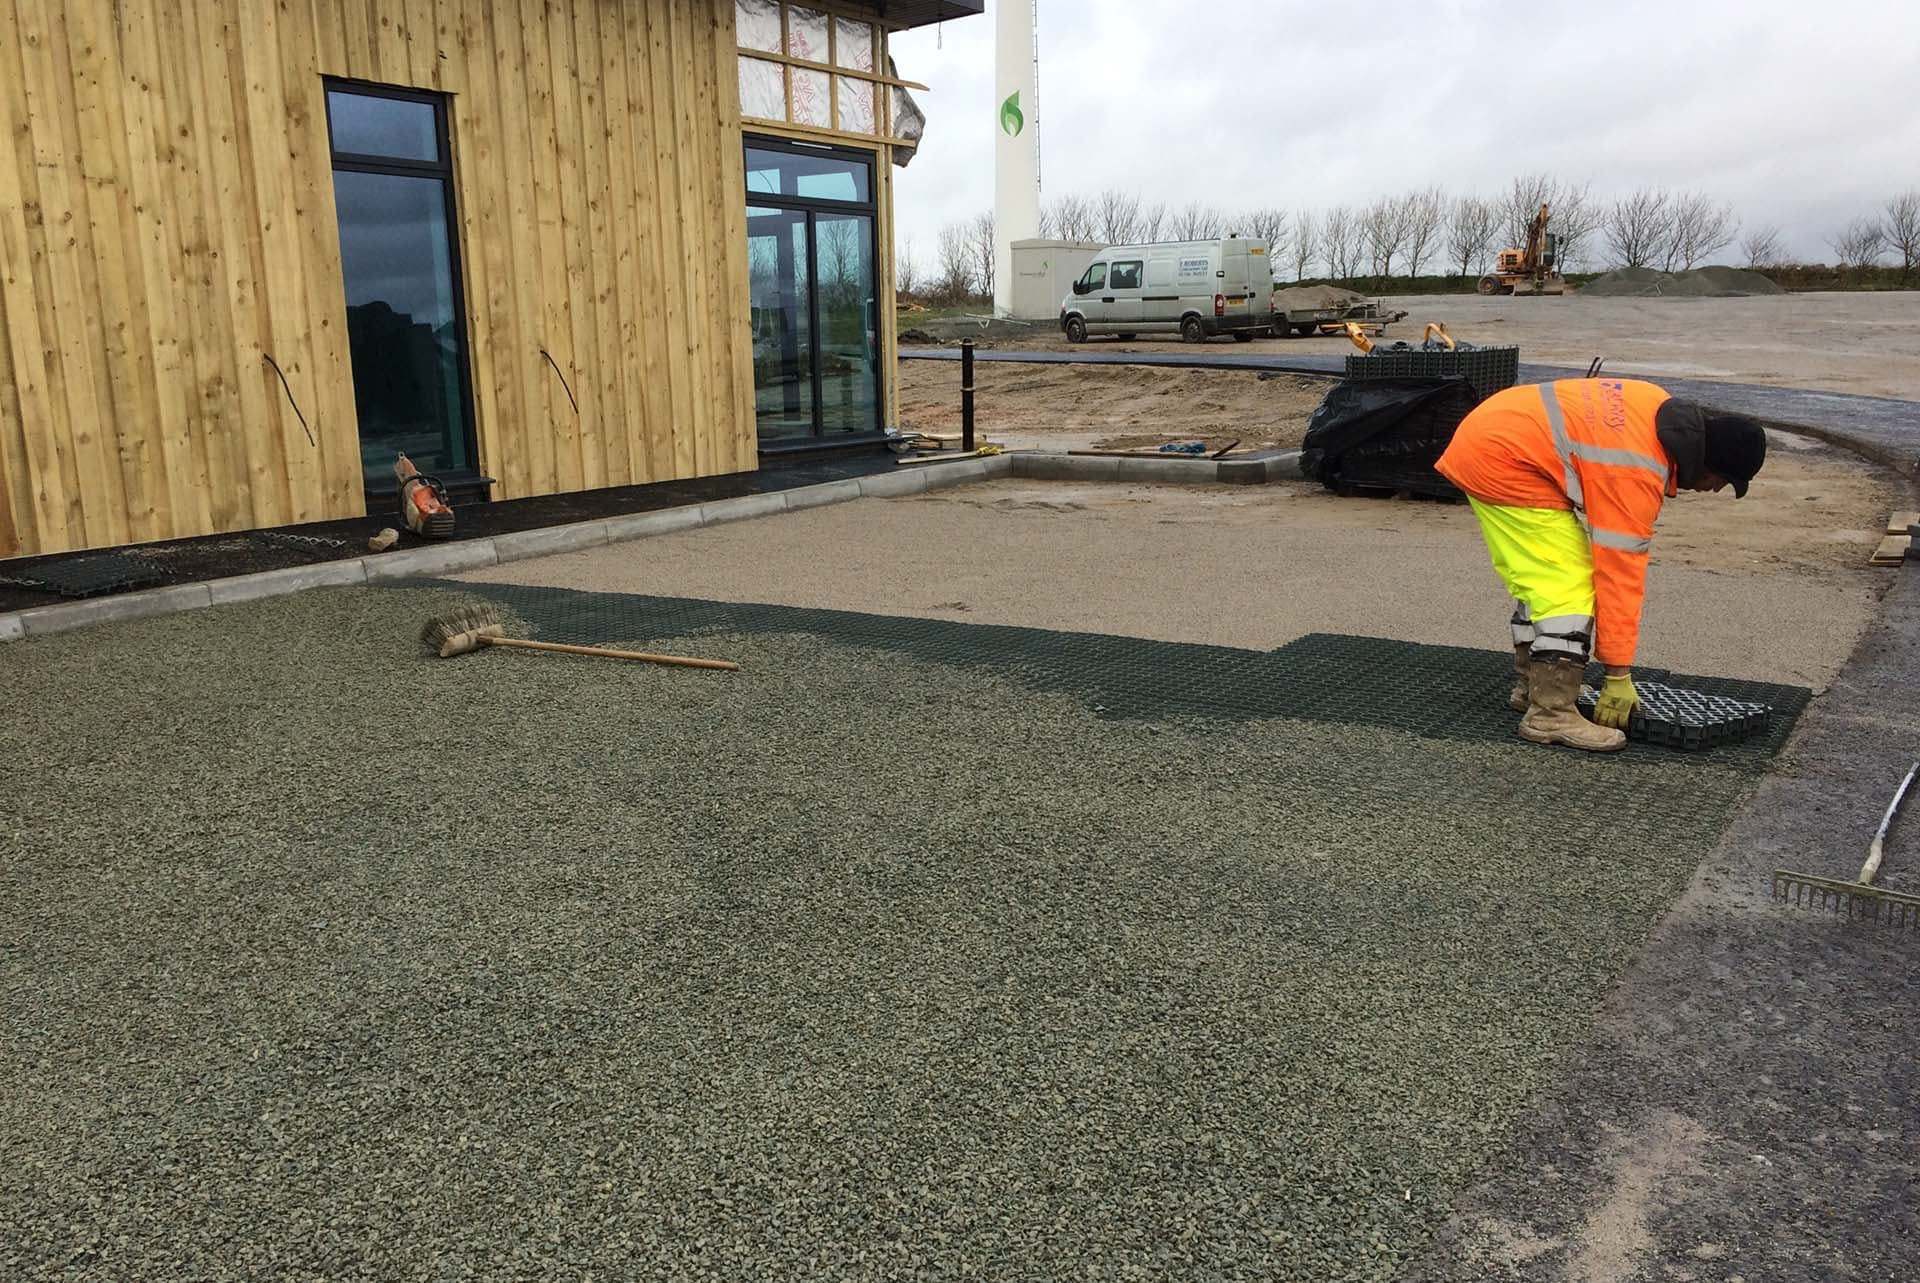 elite-grass-grid-composite-alternative-ground-reinforcement-stabilisation-installation-project